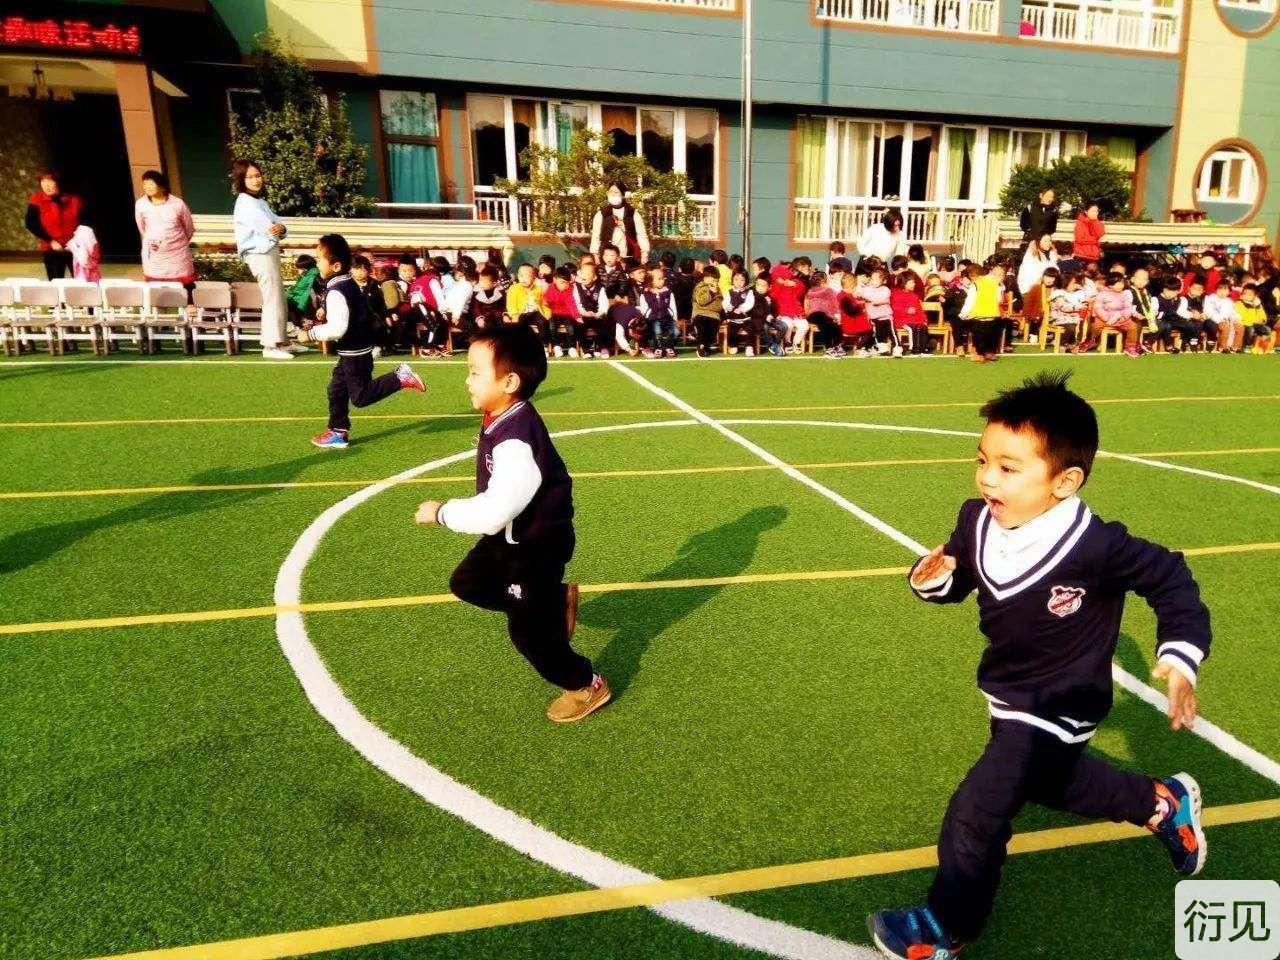 幼儿大班体育课教案:幼儿折返跑体能教案